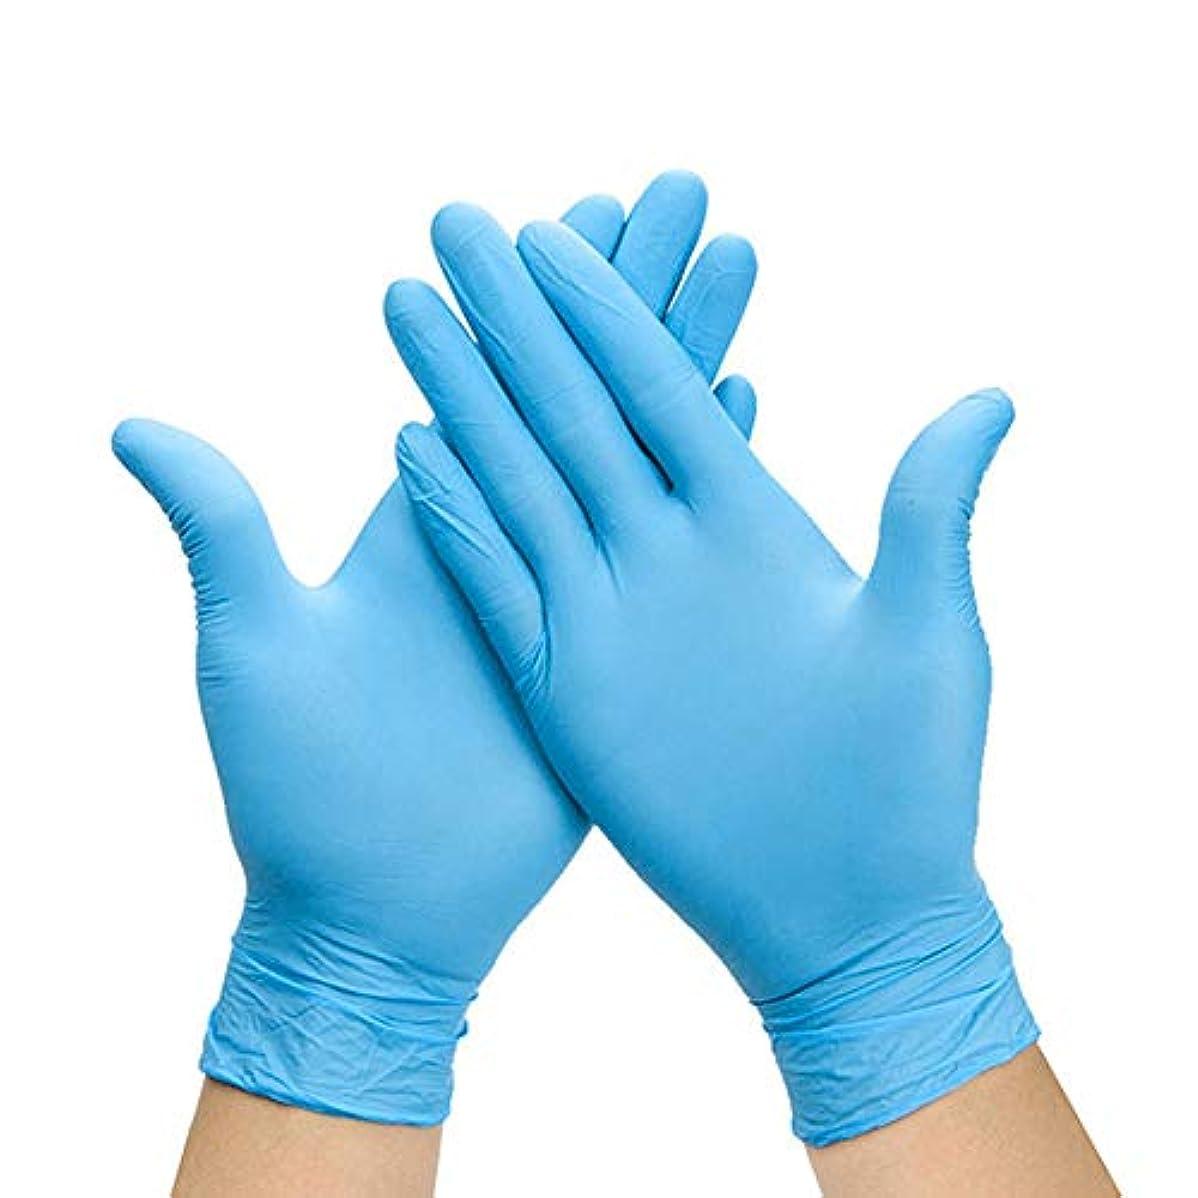 剥ぎ取る物理学者震えるBesline 使い捨て手袋 ゴム手袋滑り止め表面肥厚使い捨て手袋食品グレード手袋、ラテックスゴムフリー、100個